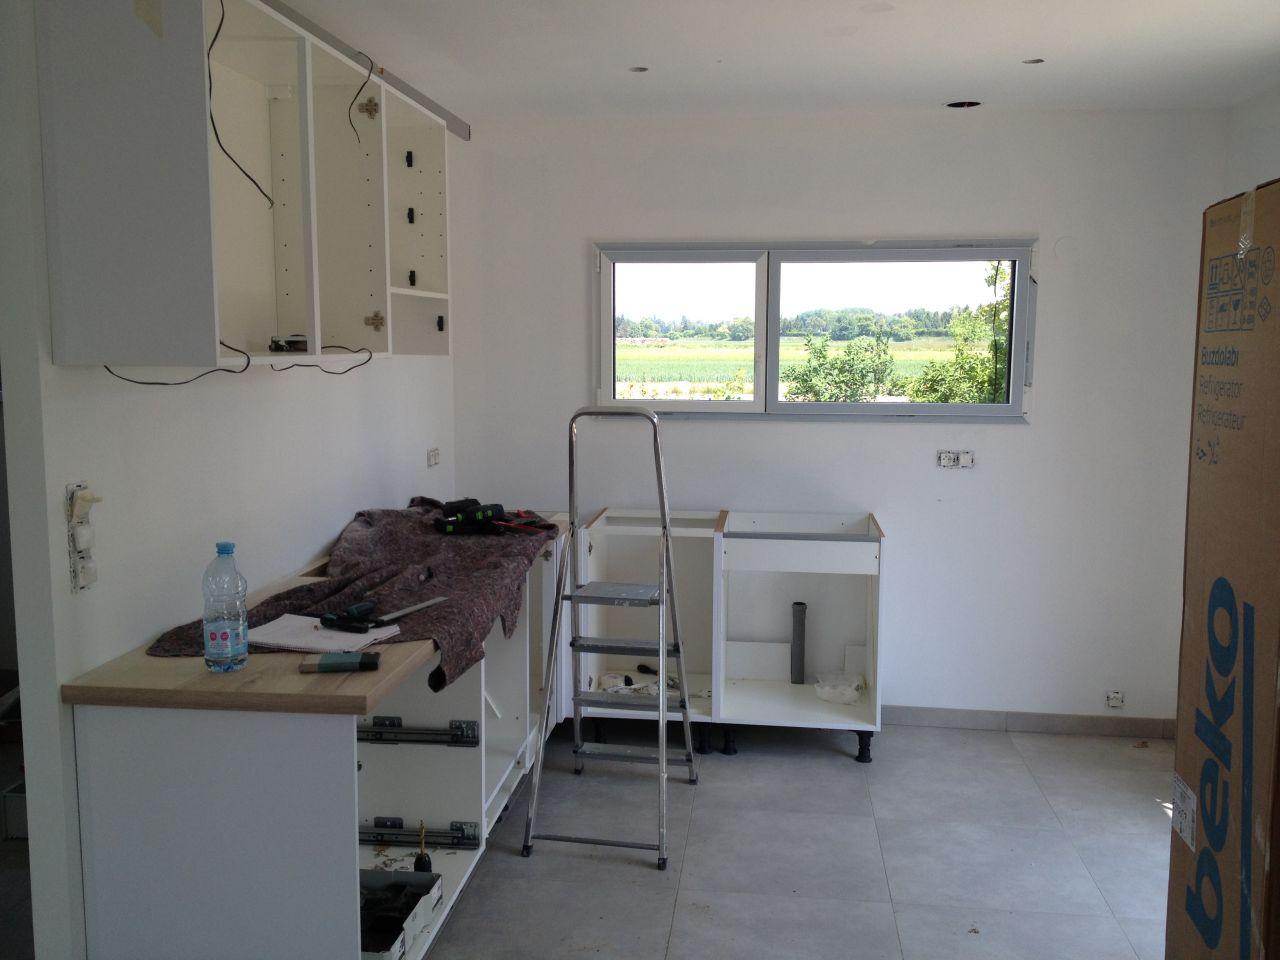 Pose de la cuisine blanche et plan de travail imitation chêne clair FLY